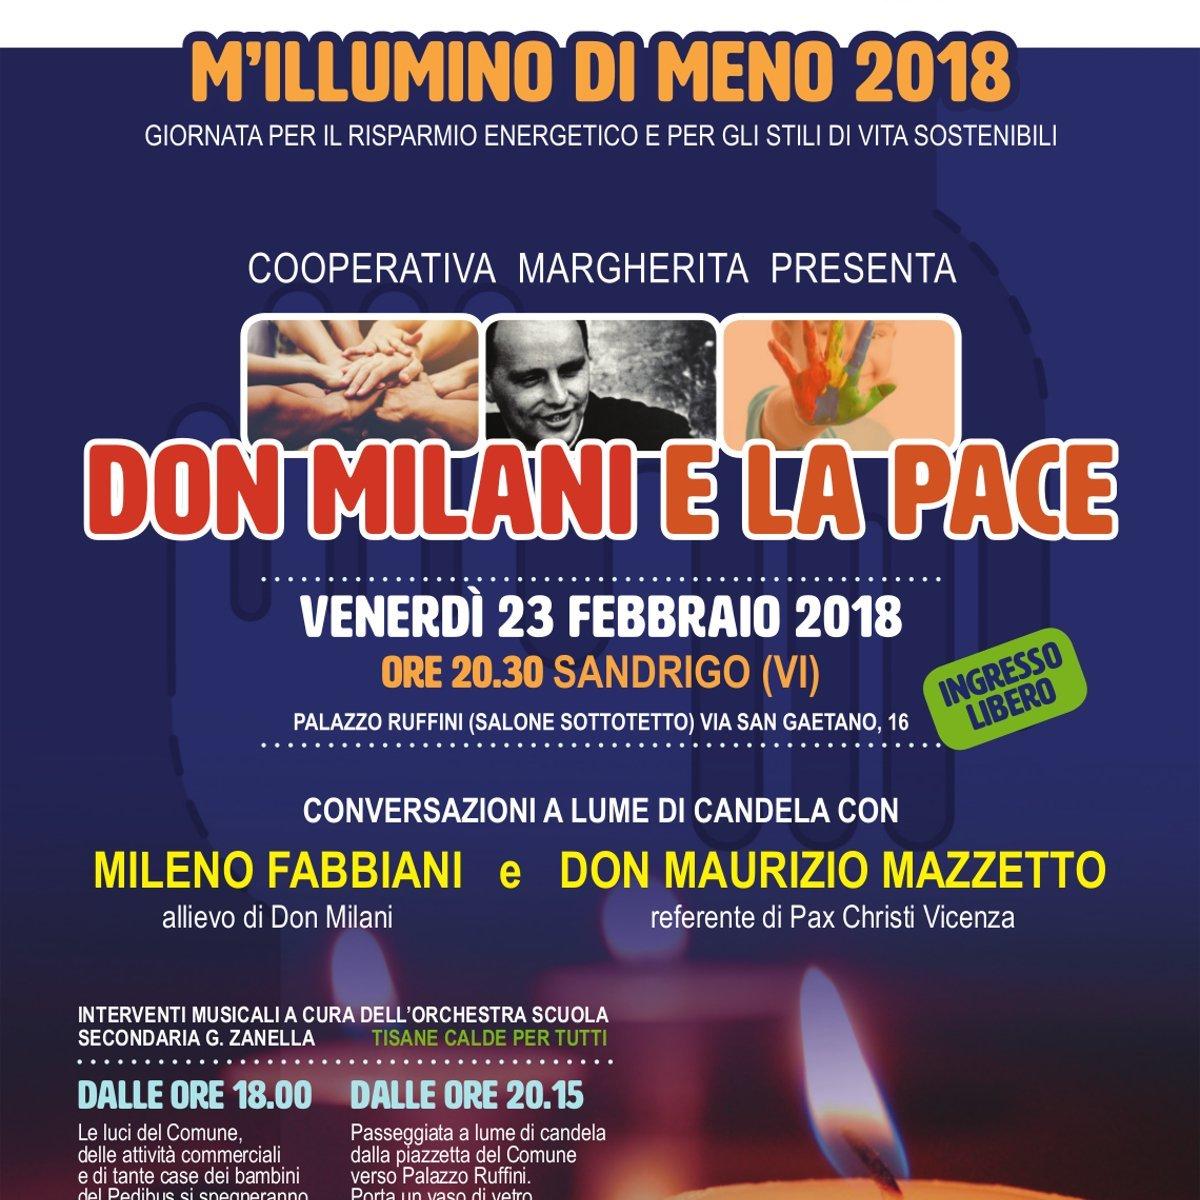 Don Milani e la Pace - M'illumino di Meno 2018